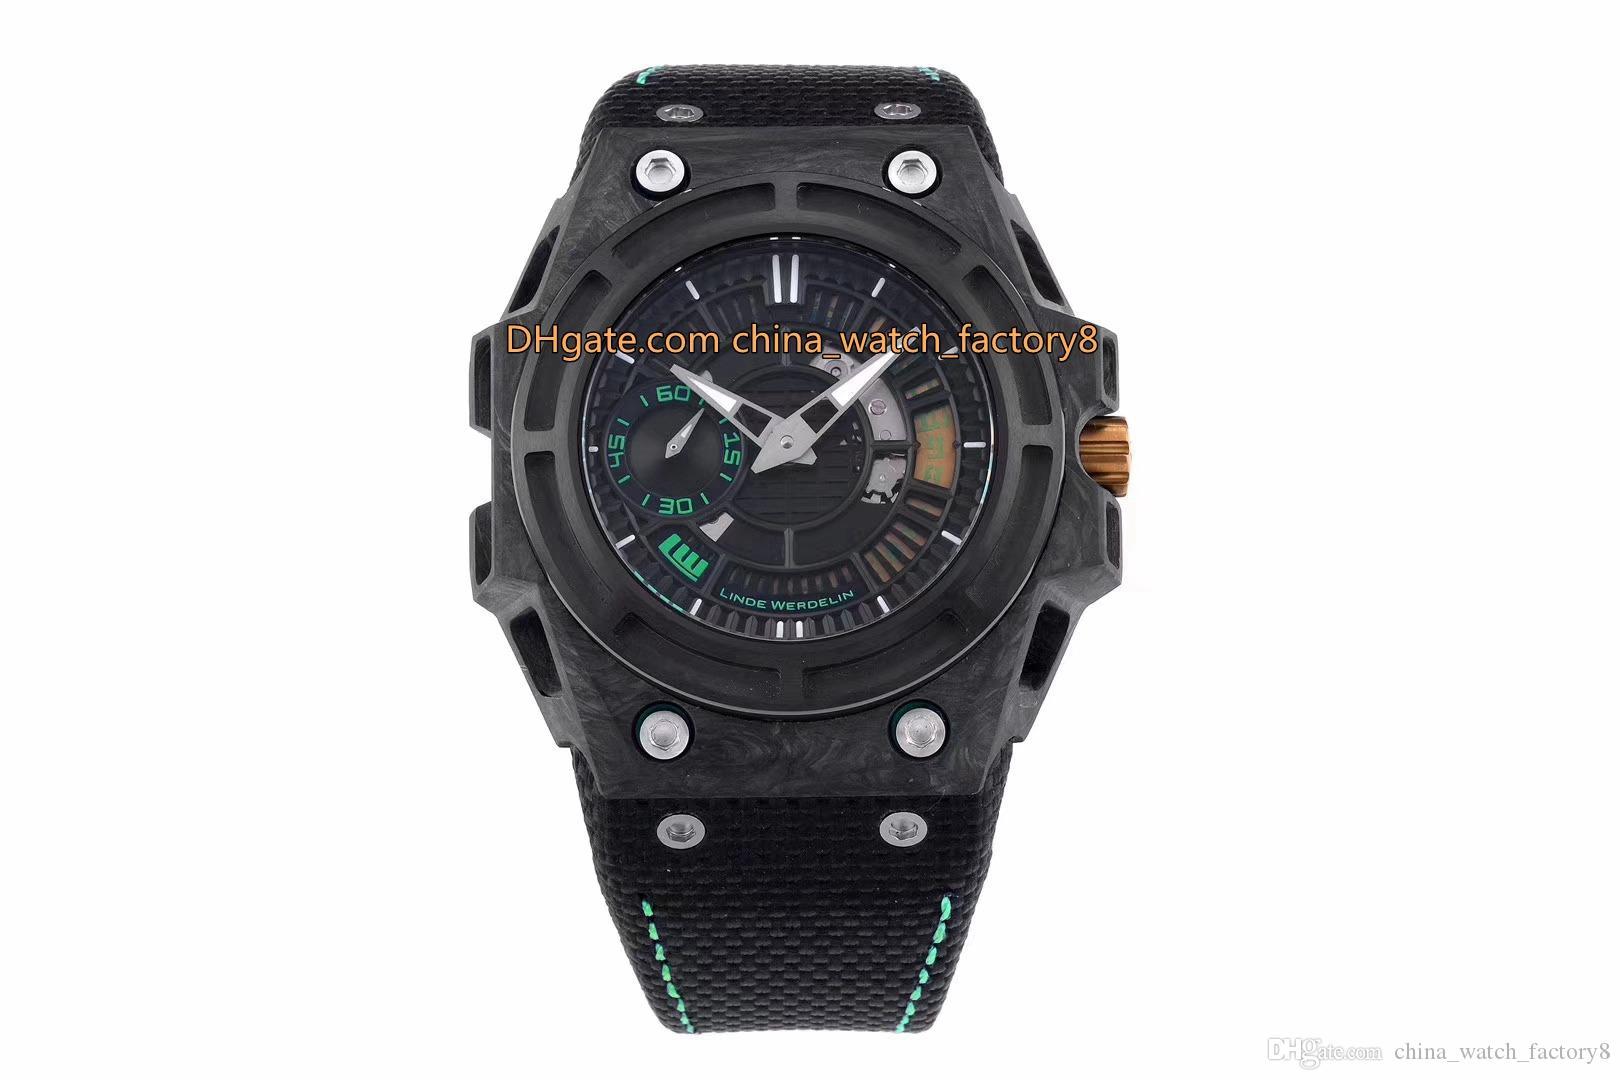 2 Renk İyi Kalite El saatler Üst Fabrika 44mm x 15mm Linde Werdelin W0591N2800 Karbon Elyaf İsviçre Mekanik Otomatik İzle Erkek Saatler